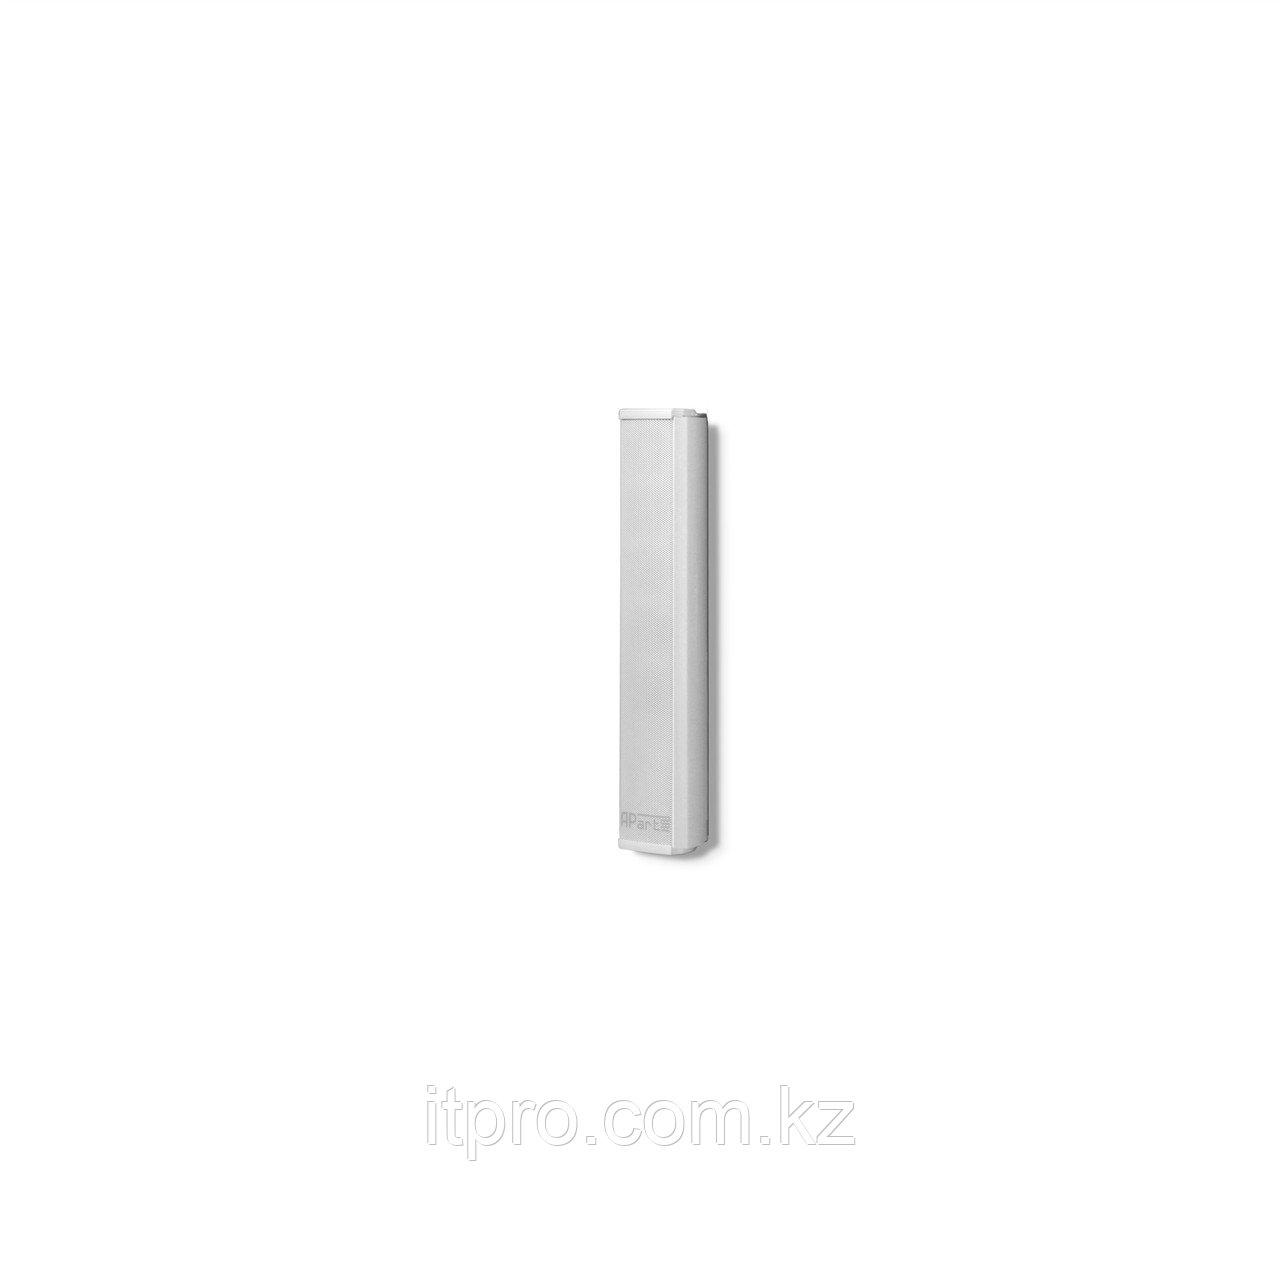 """Звуковая колонна Apart COLS41, 20W(100V) / 30w(8 Om), IP66, 4x2""""+1x1"""""""